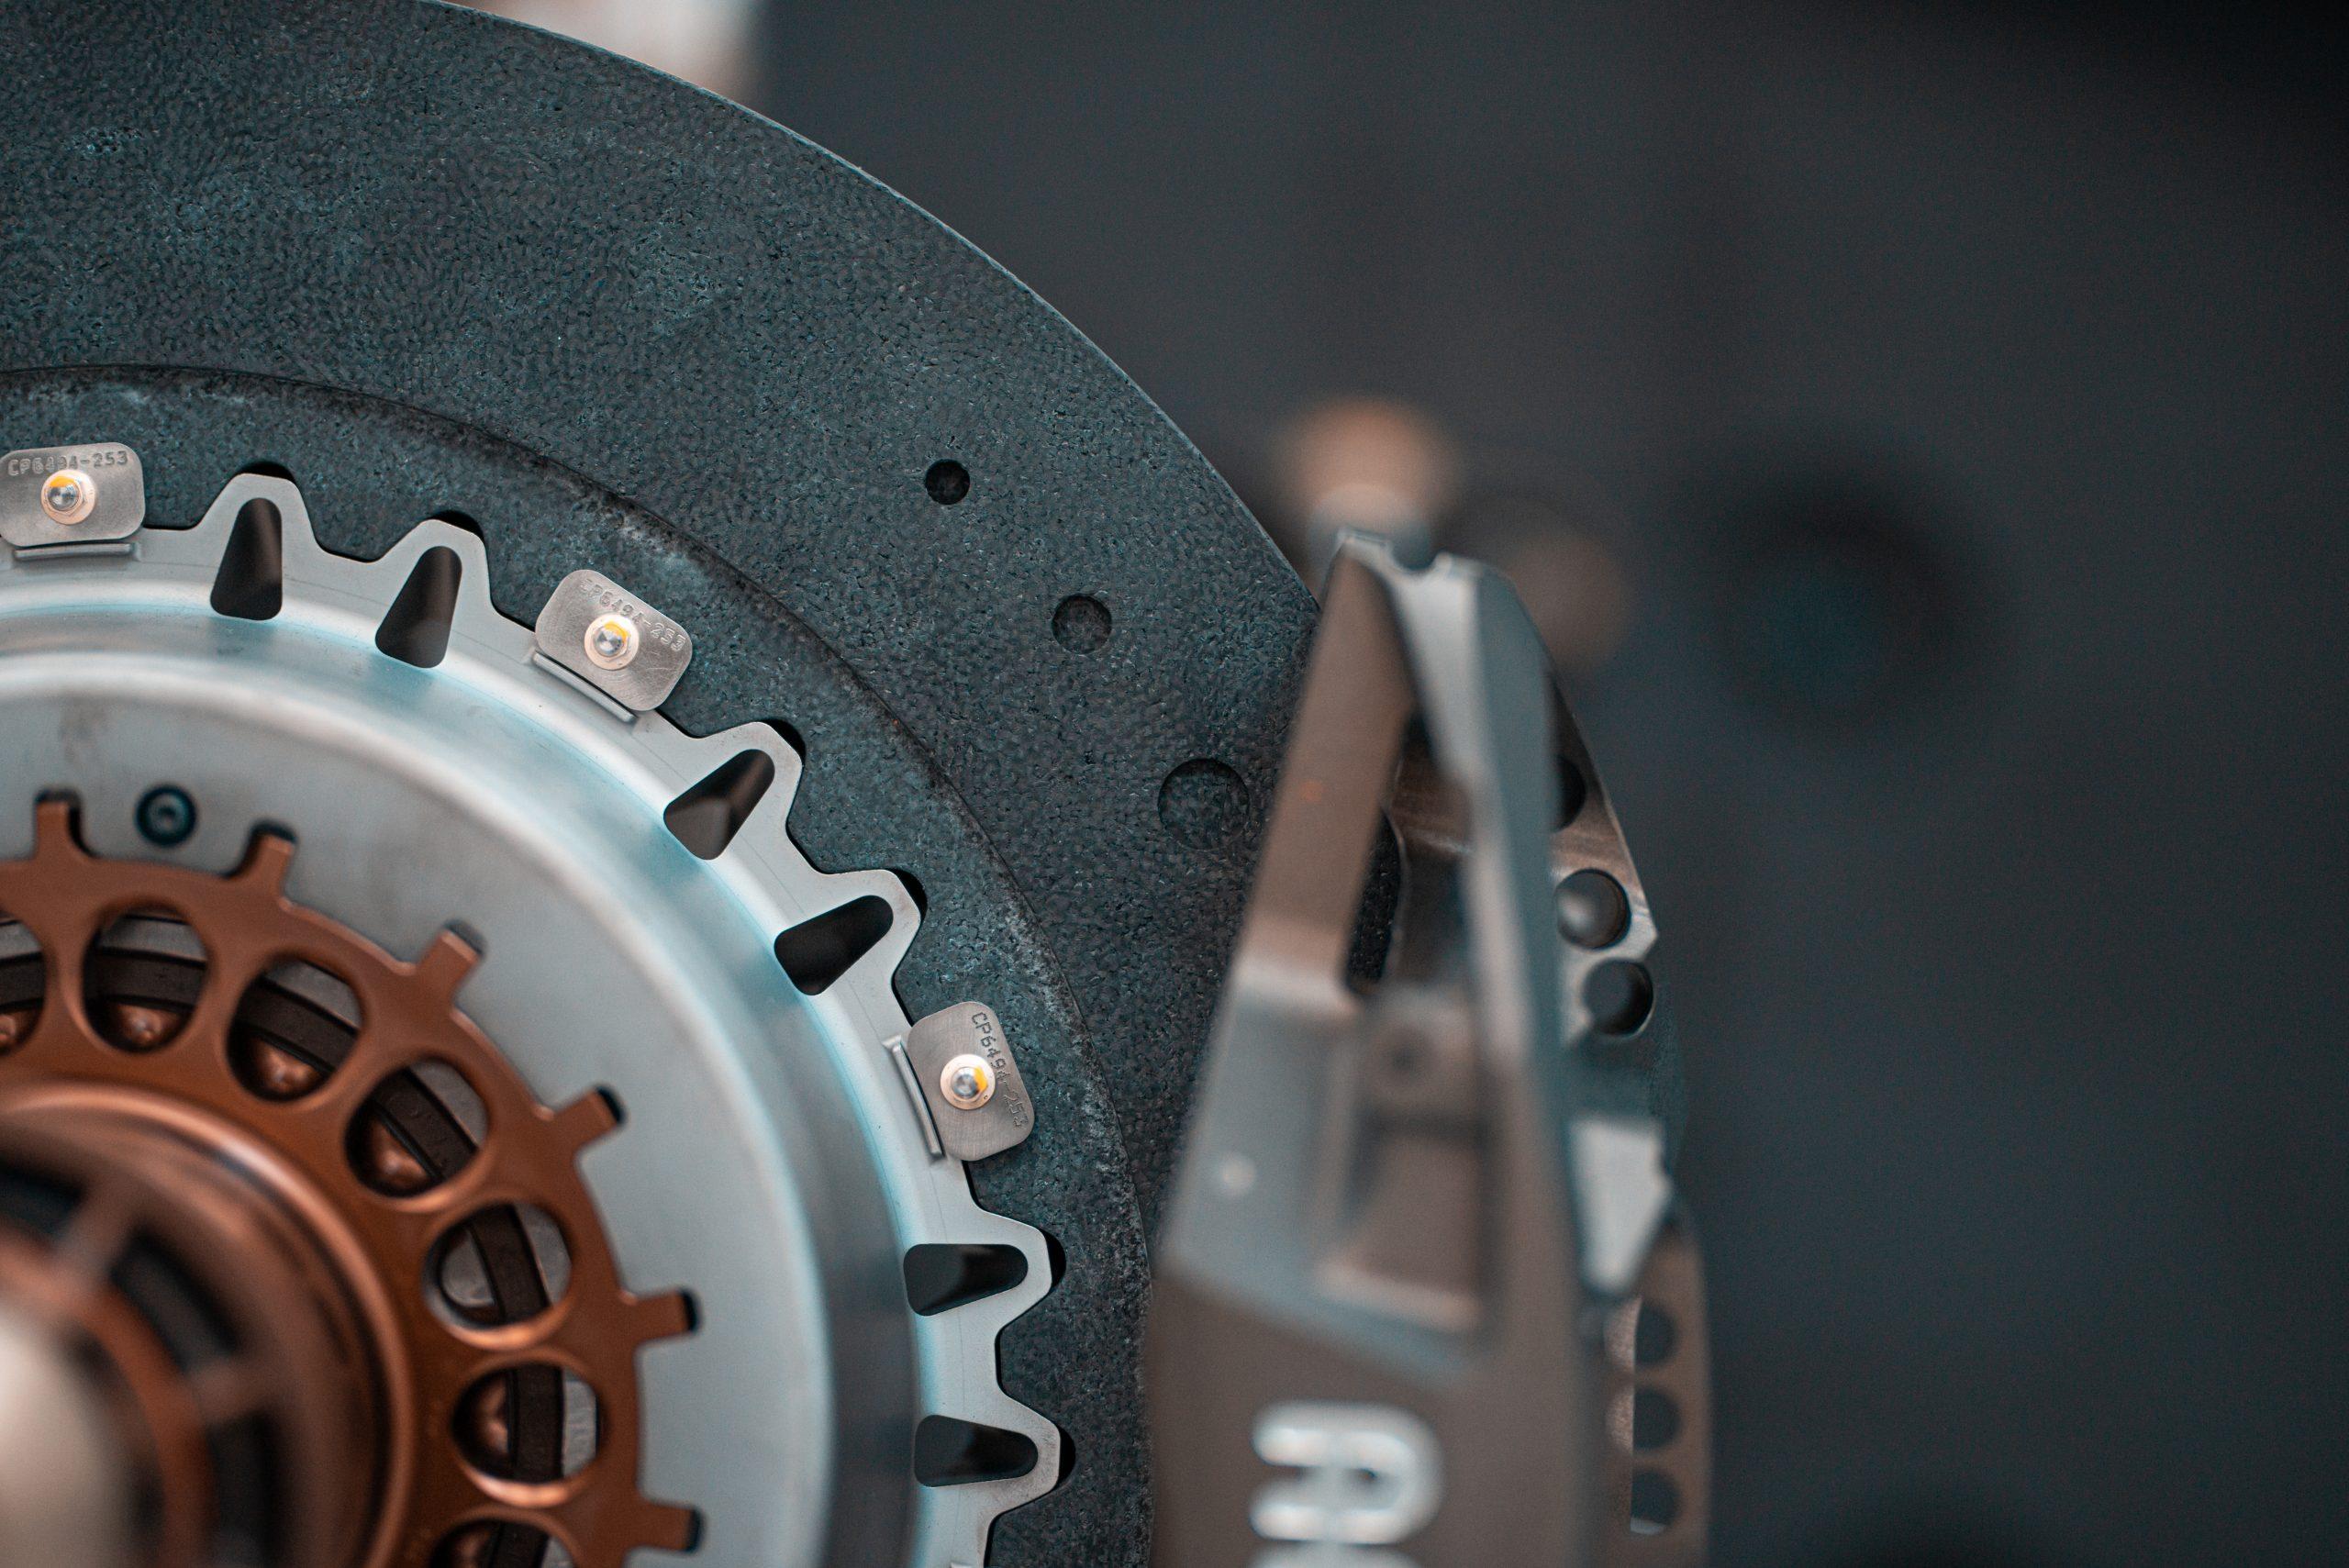 SCG Scuderia Cameron Glickenhaus 007 Hypercar LMH brake rotor detail